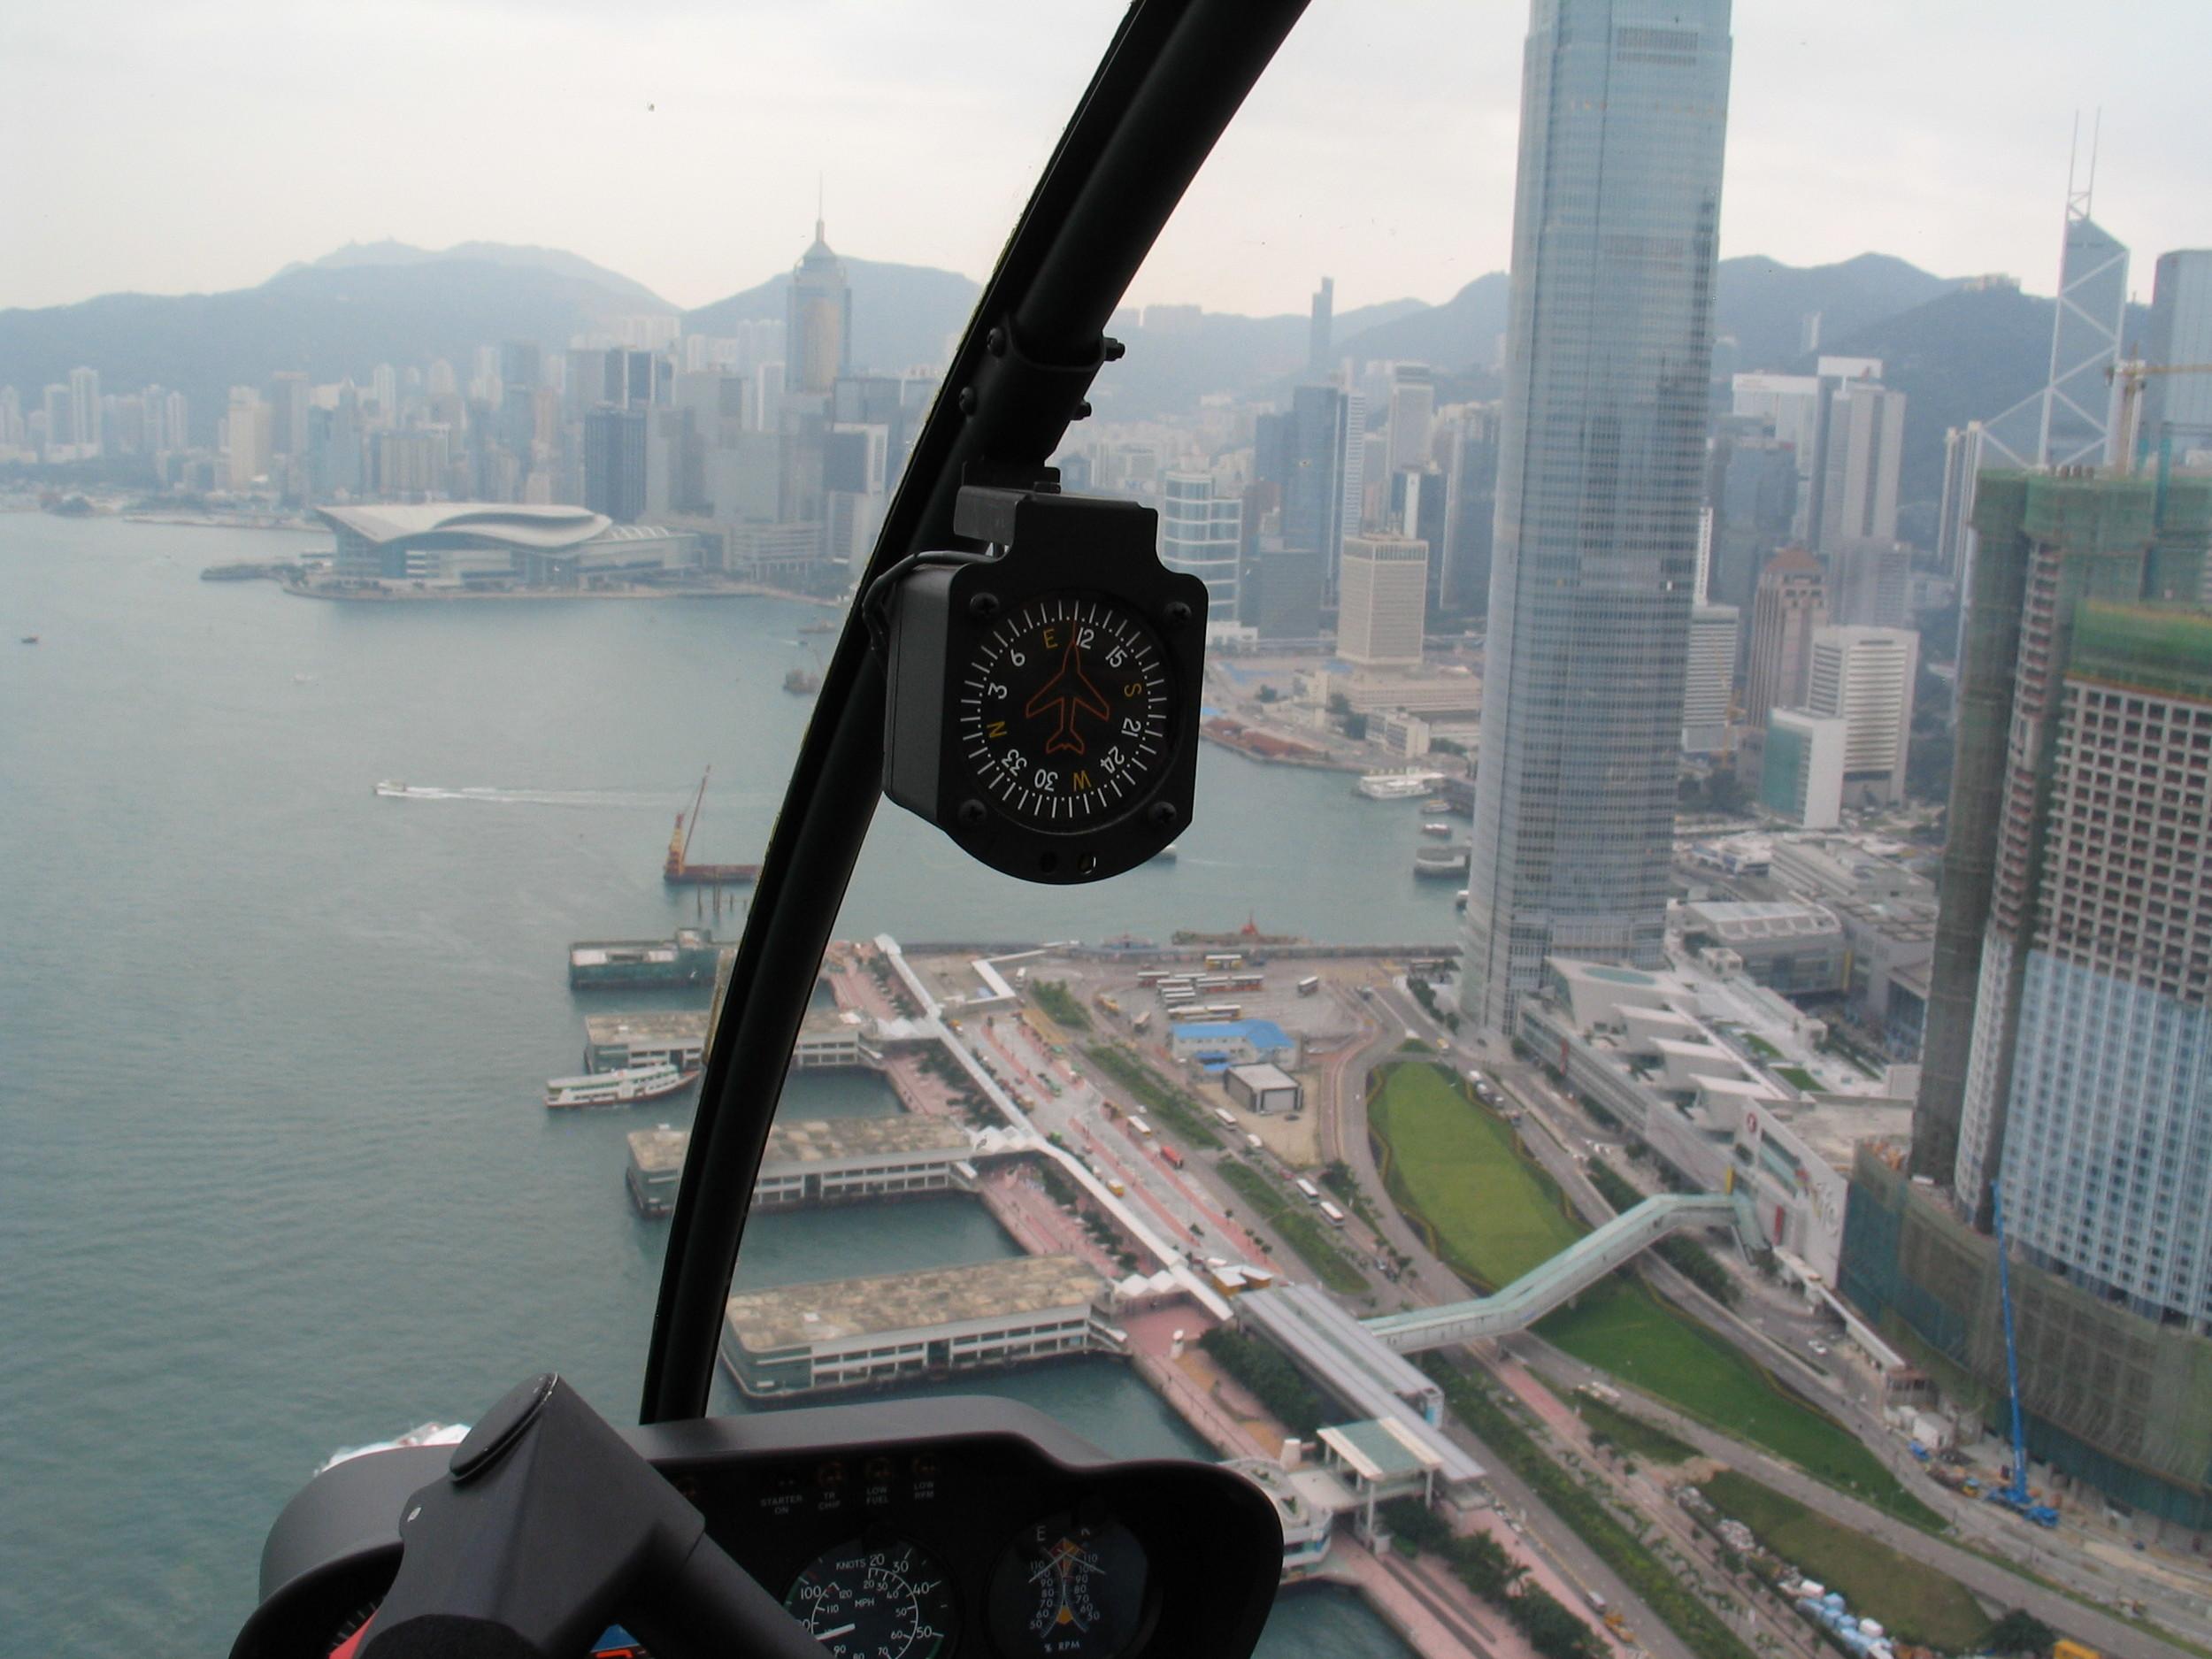 Hong Kong city, Hong Kong SAR